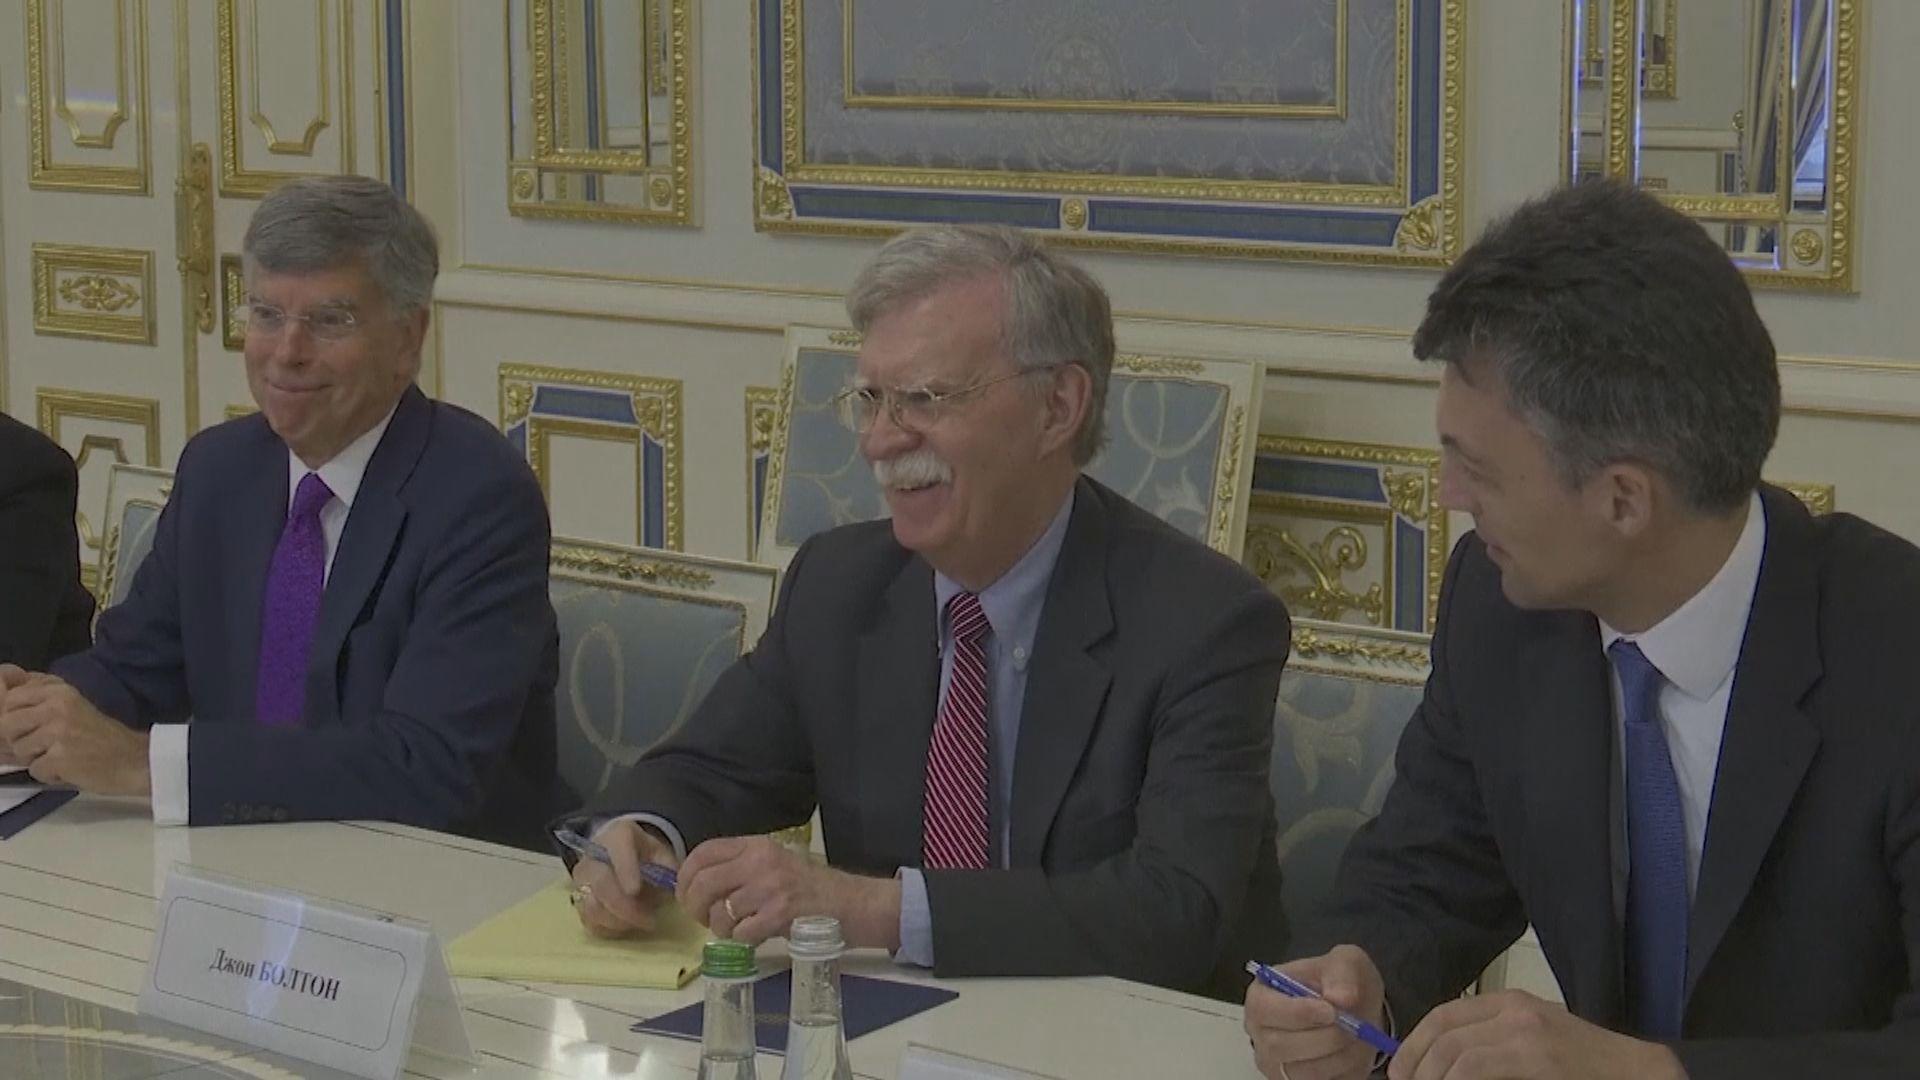 博爾頓批中國竊取美國軍事技術